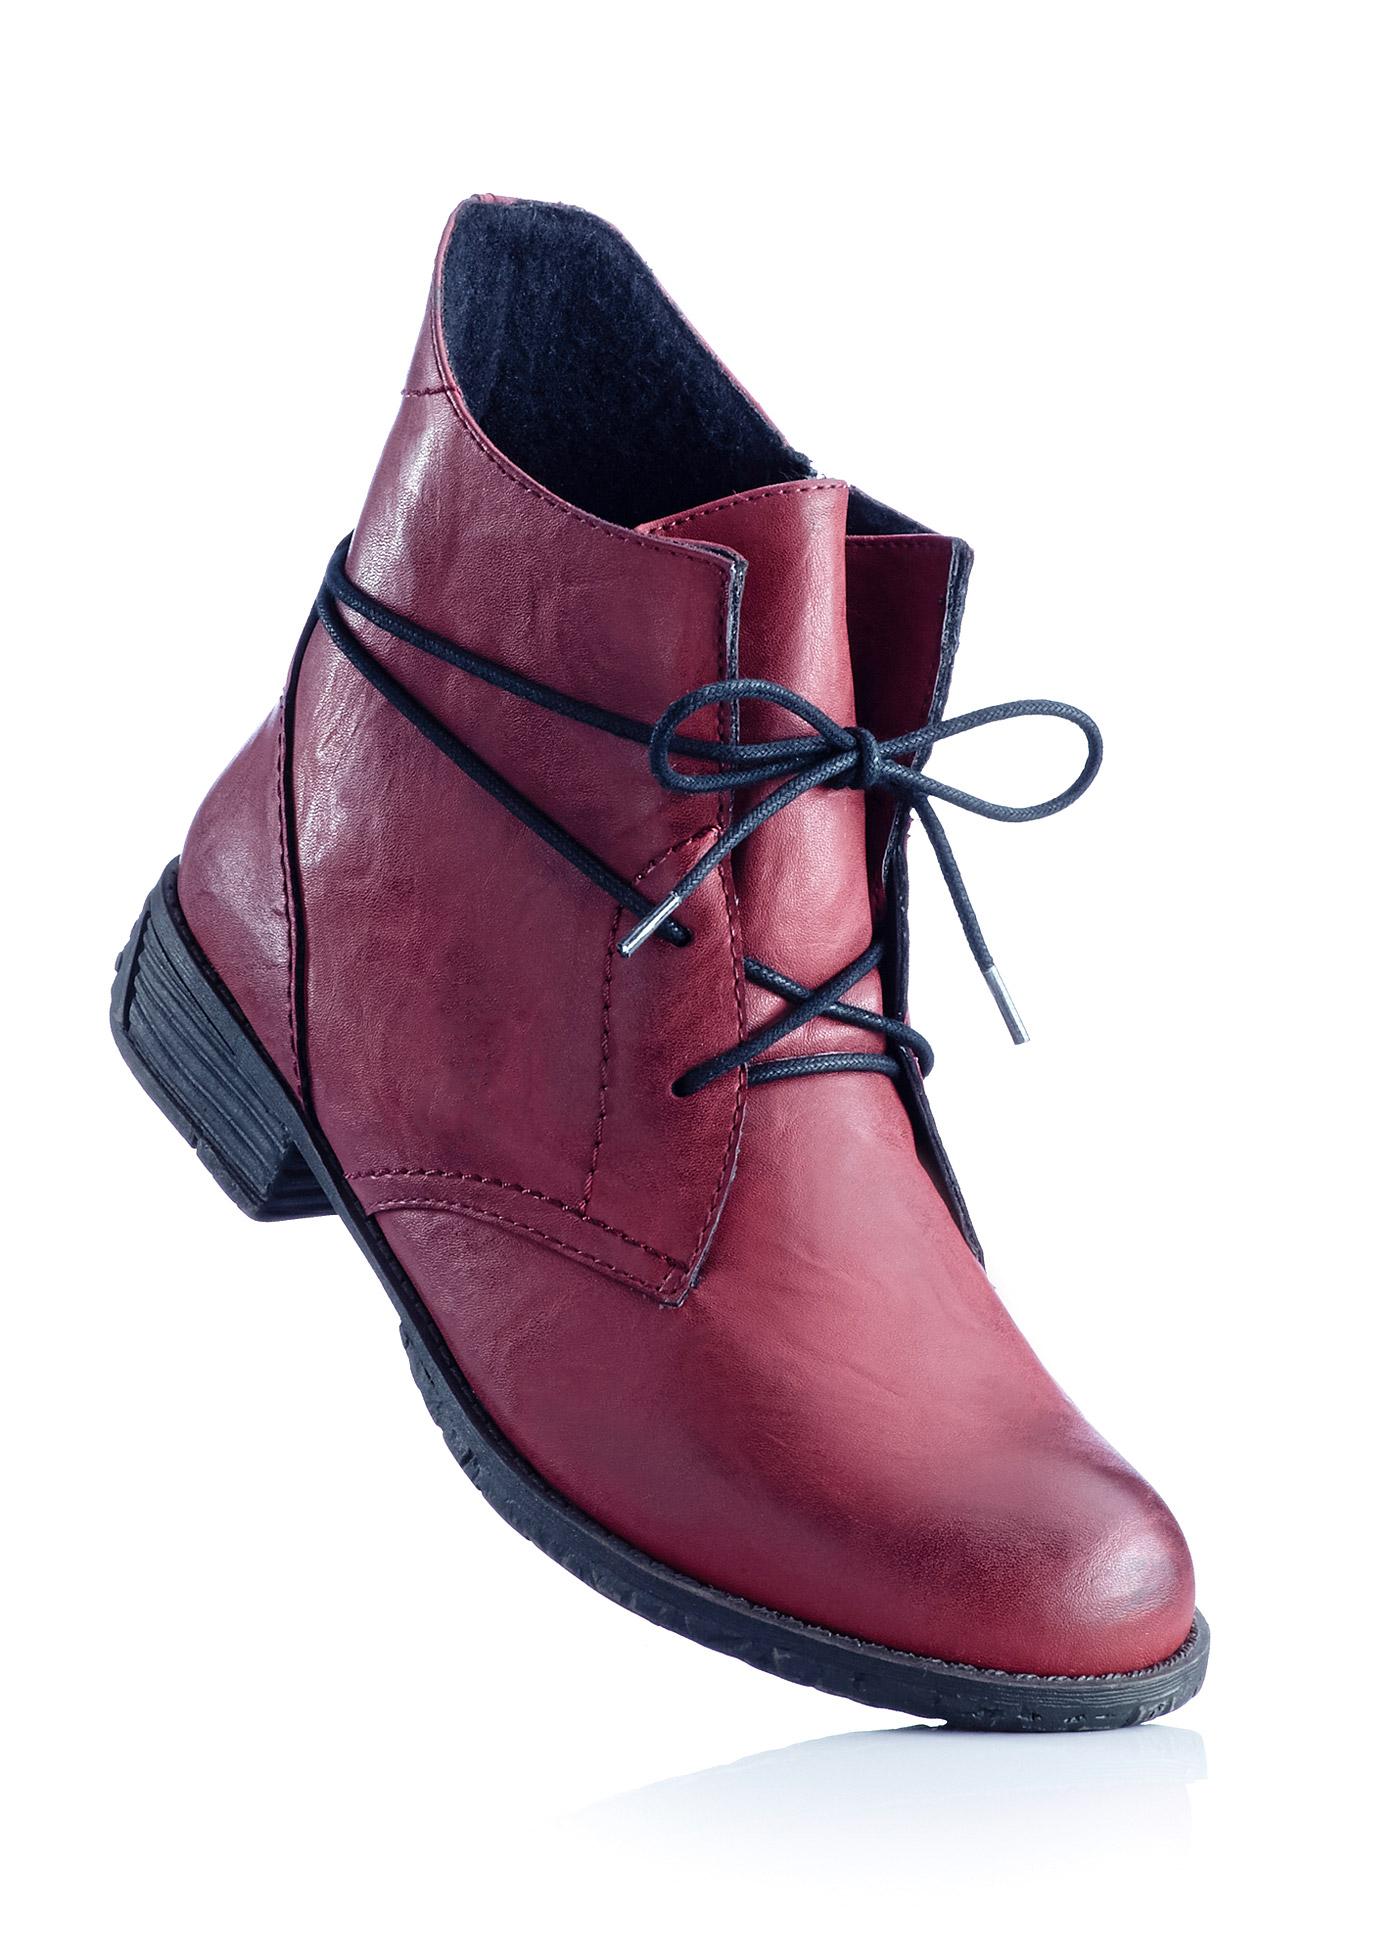 Schnürstiefelette in rot von bonprix Schuhe und Accessoires > Damenschuhe > Bequemschuhe